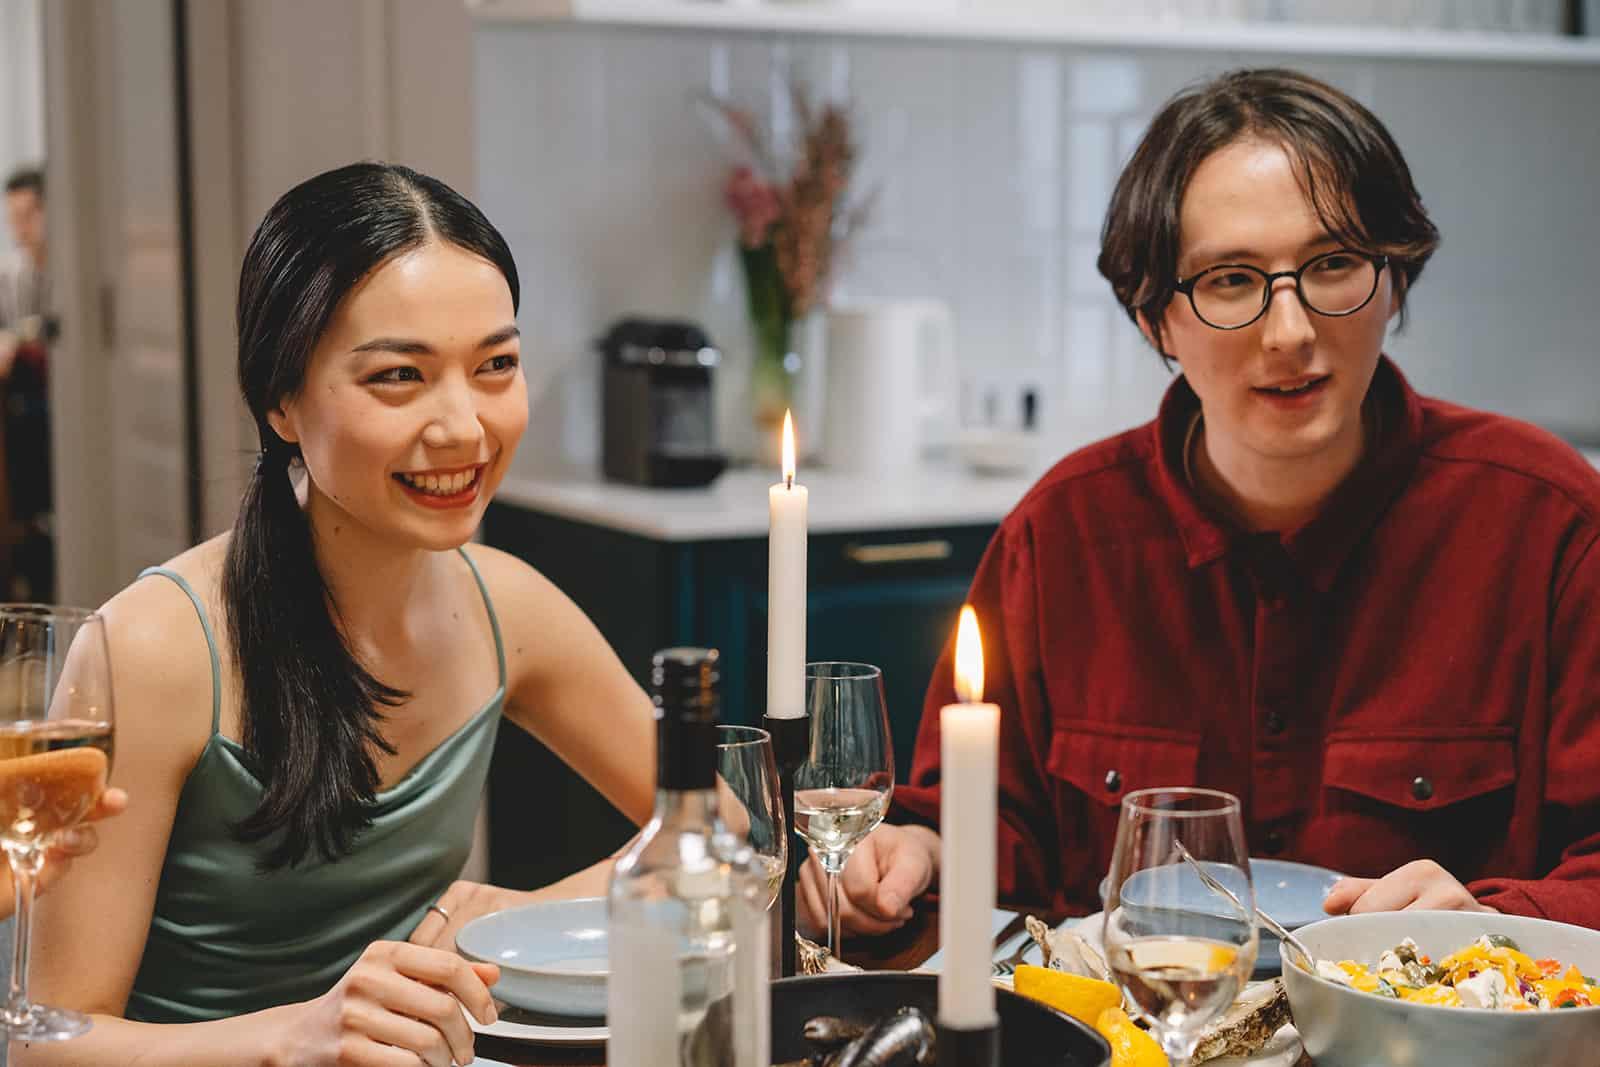 Ein Paar sitzt am Esstisch und hört Freunden zu